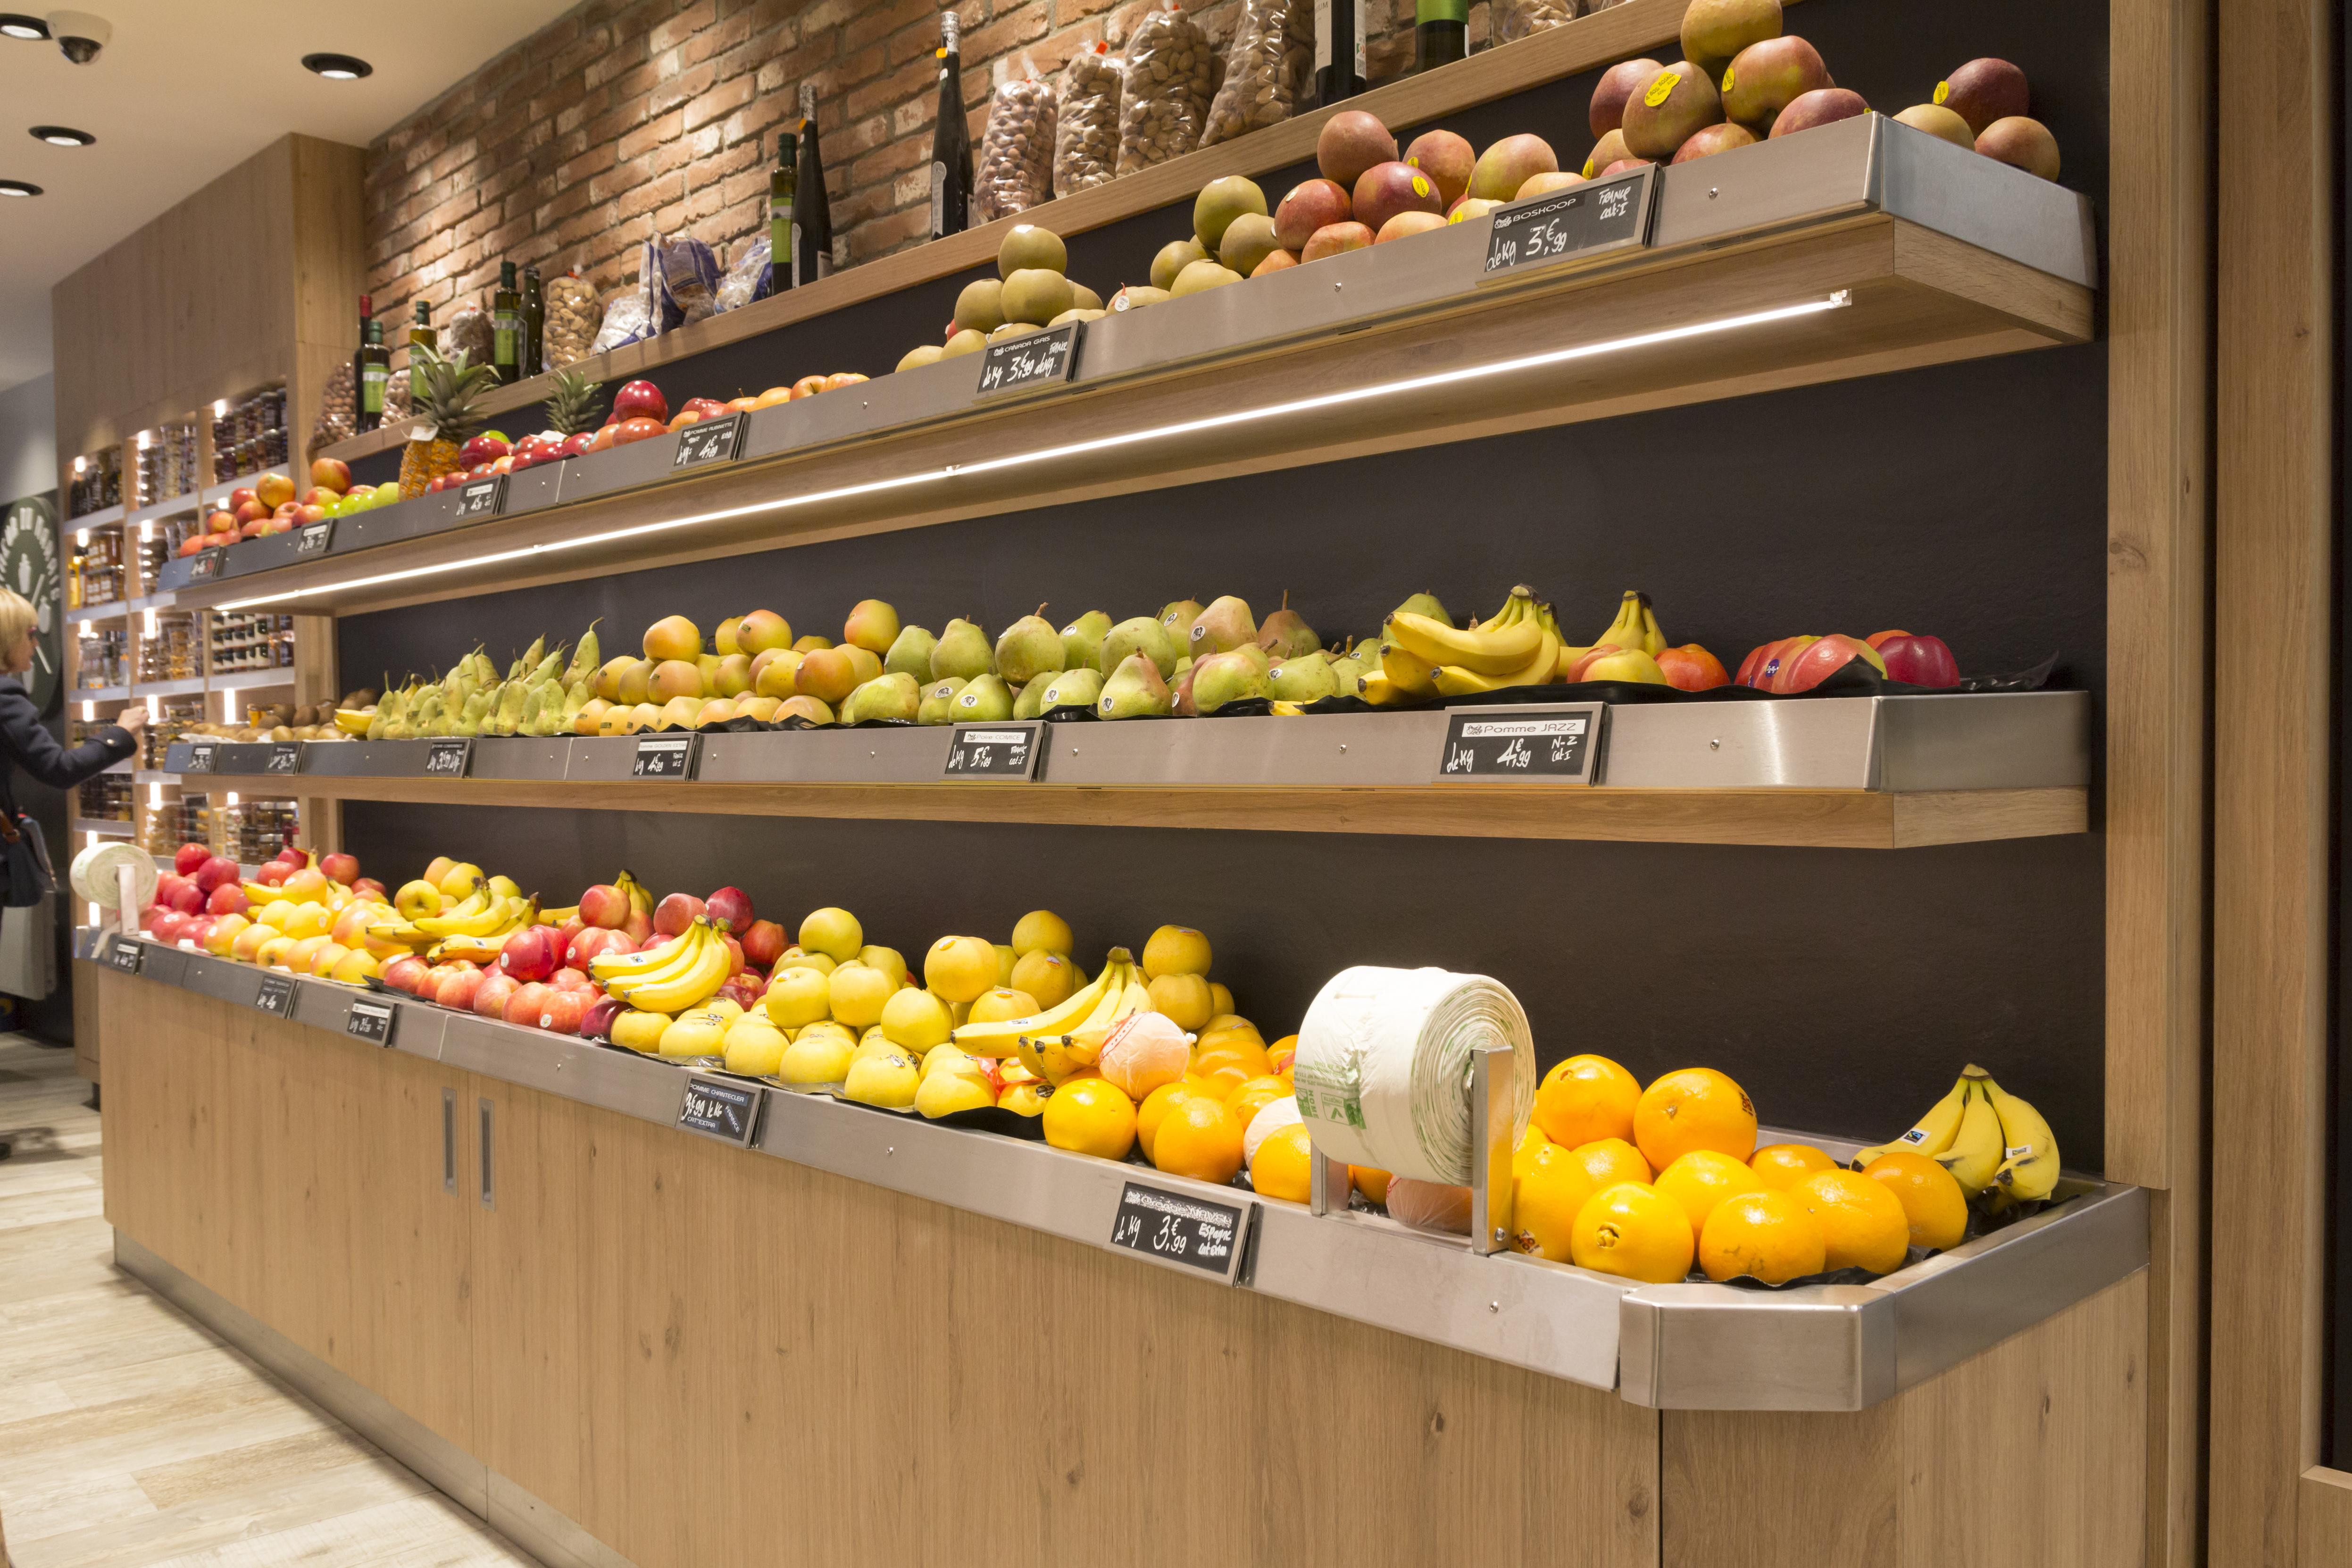 Le primeur du Marais meuble sur mesure en bois et inox pour les fruits et légumes éclairage LED intense sol en parquet mur brique aménagement conçu par Pep's création